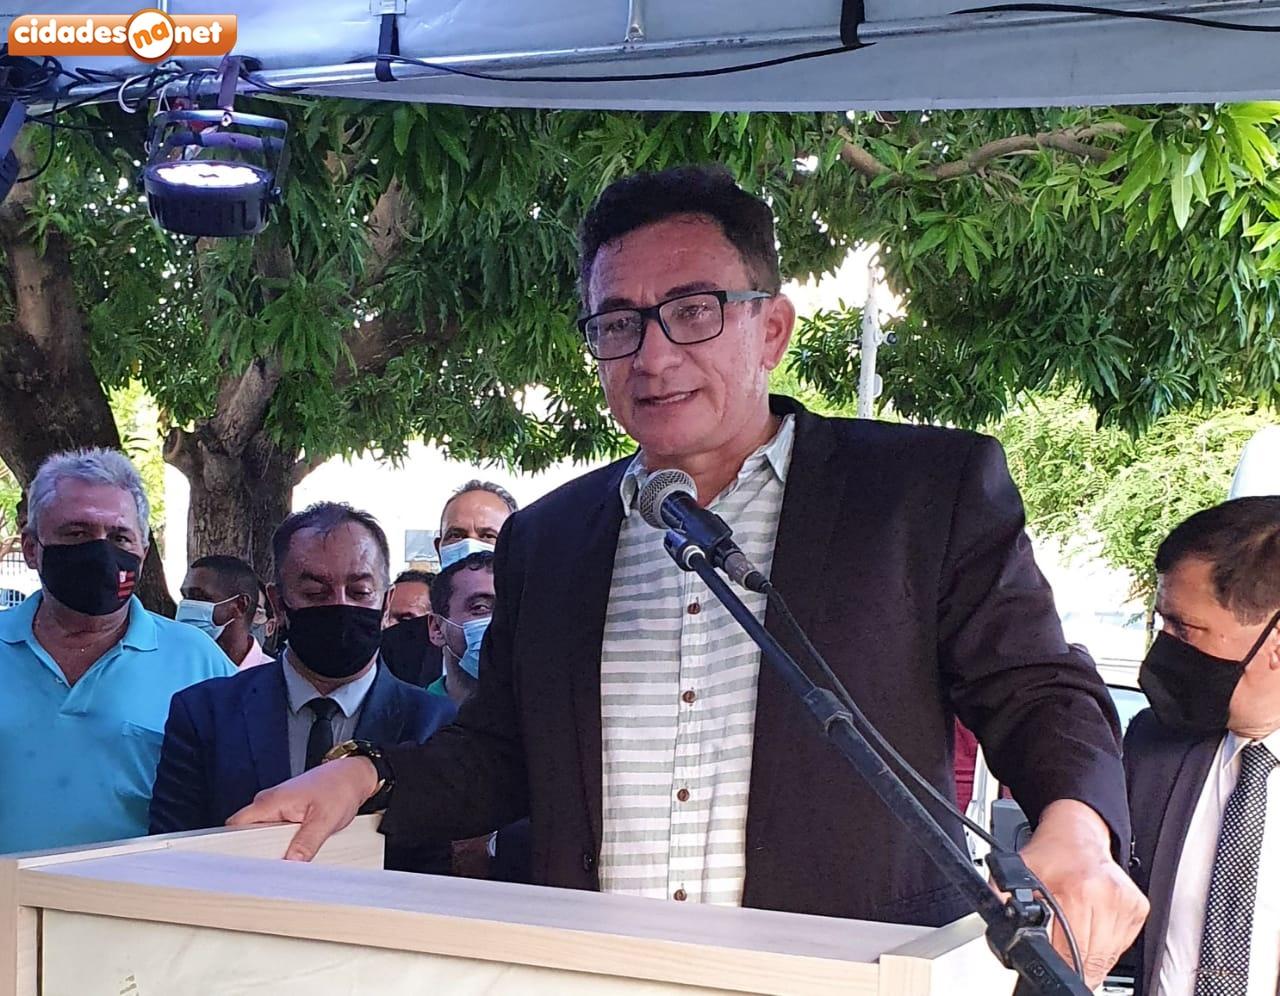 Presidente da Associação Piauiense dos Municípios (APPM), Paulo César Morais - Foto: Cidades na Net